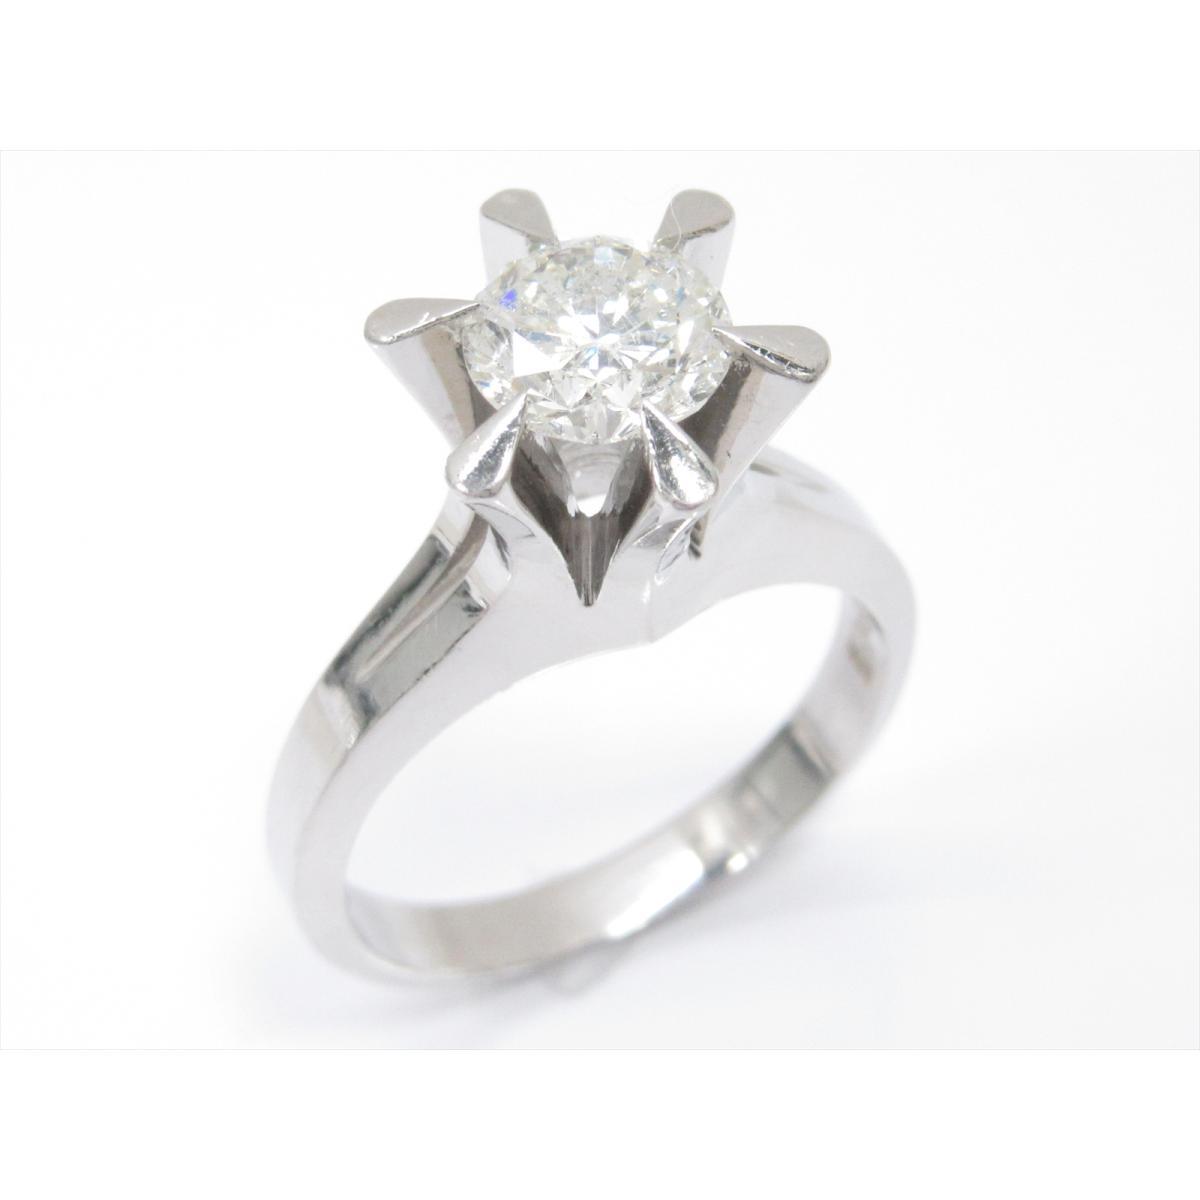 【中古】 ジュエリー 1粒ダイヤモンドリング 指輪 レディース PT900 プラチナ x ダイヤモンド (1.217ct) | JEWELRY リング リング 美品 ブランドオフ BRANDOFF